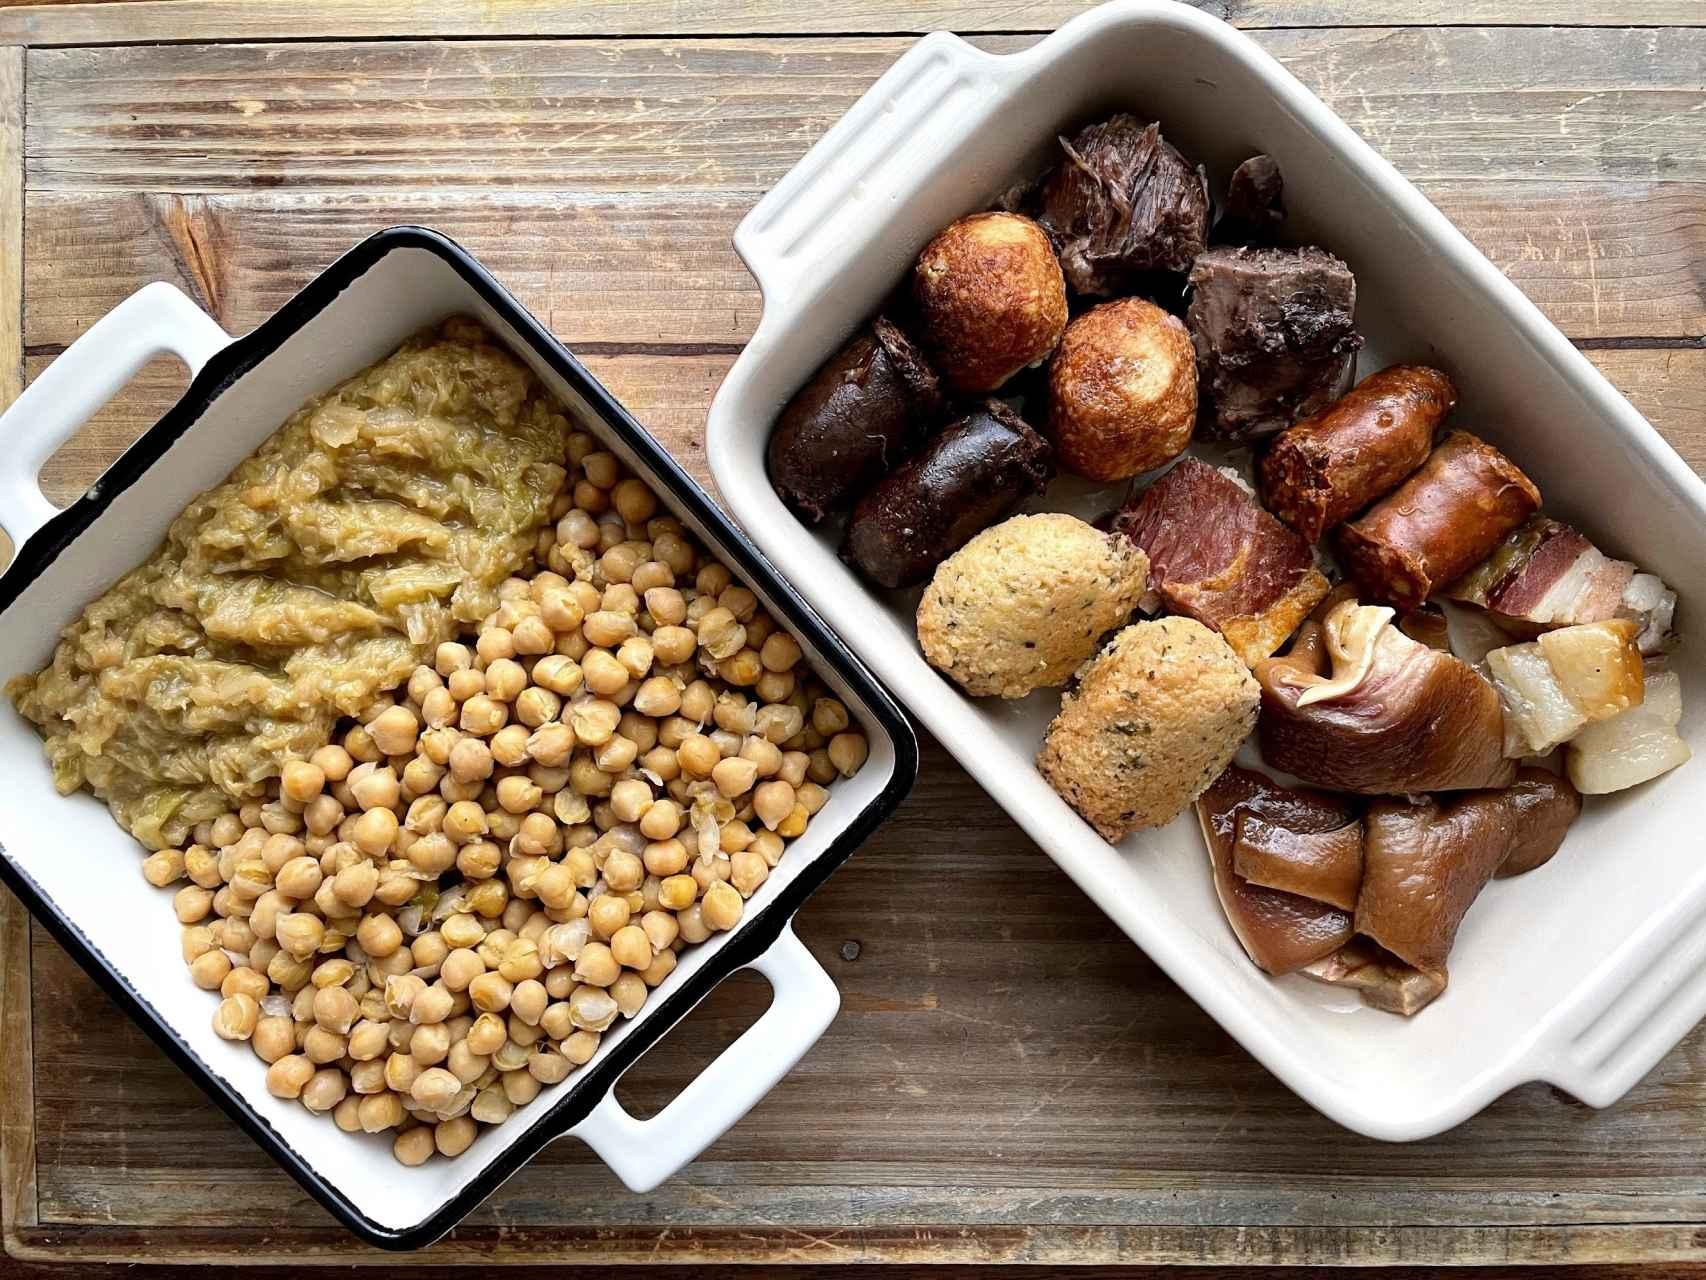 comida para pedir, guardar y preparar en minutos